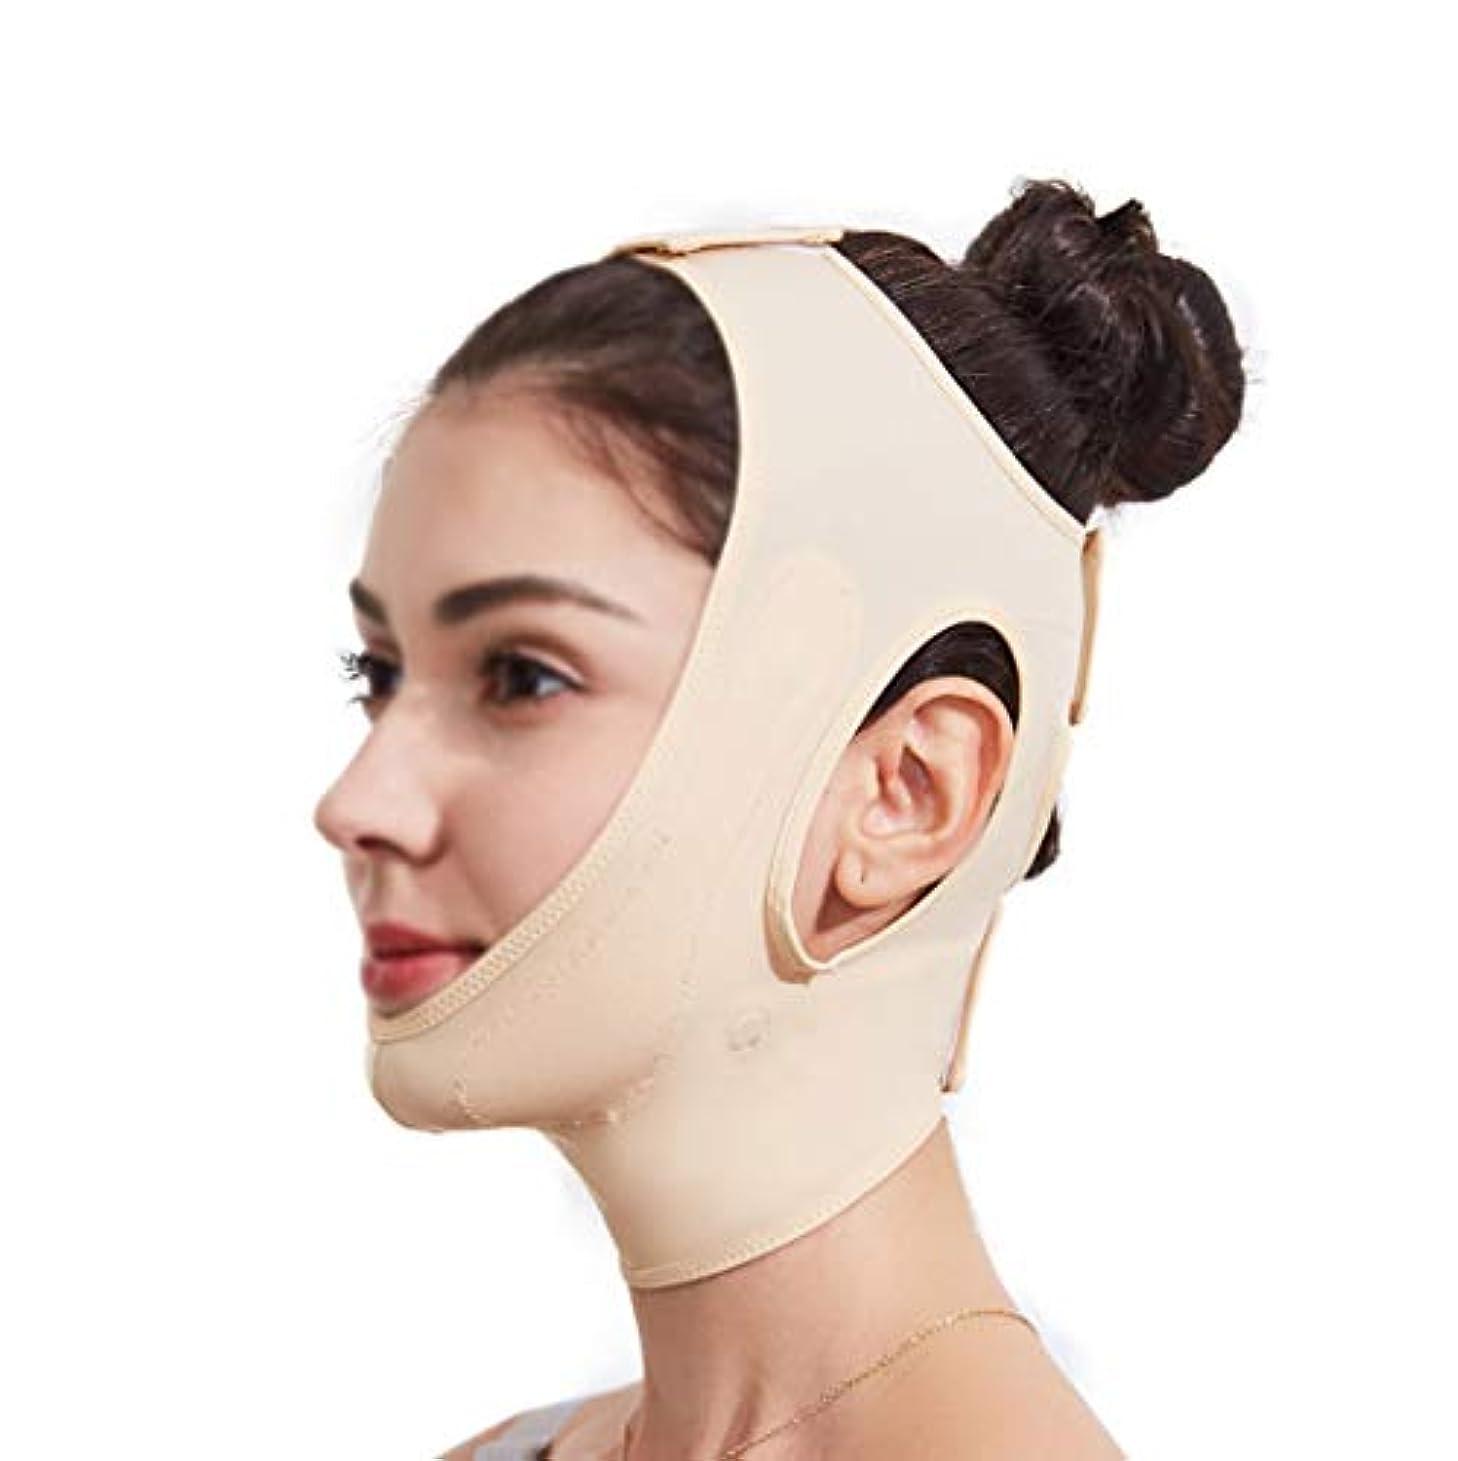 準備するダイアクリティカル信号XHLMRMJ フェイスリフティングマスク、360°オールラウンドリフティングフェイシャル輪郭、あごを閉じて肌を引き締め、快適でフェイスライトをサポートし、通気性 (Size : Skin color)